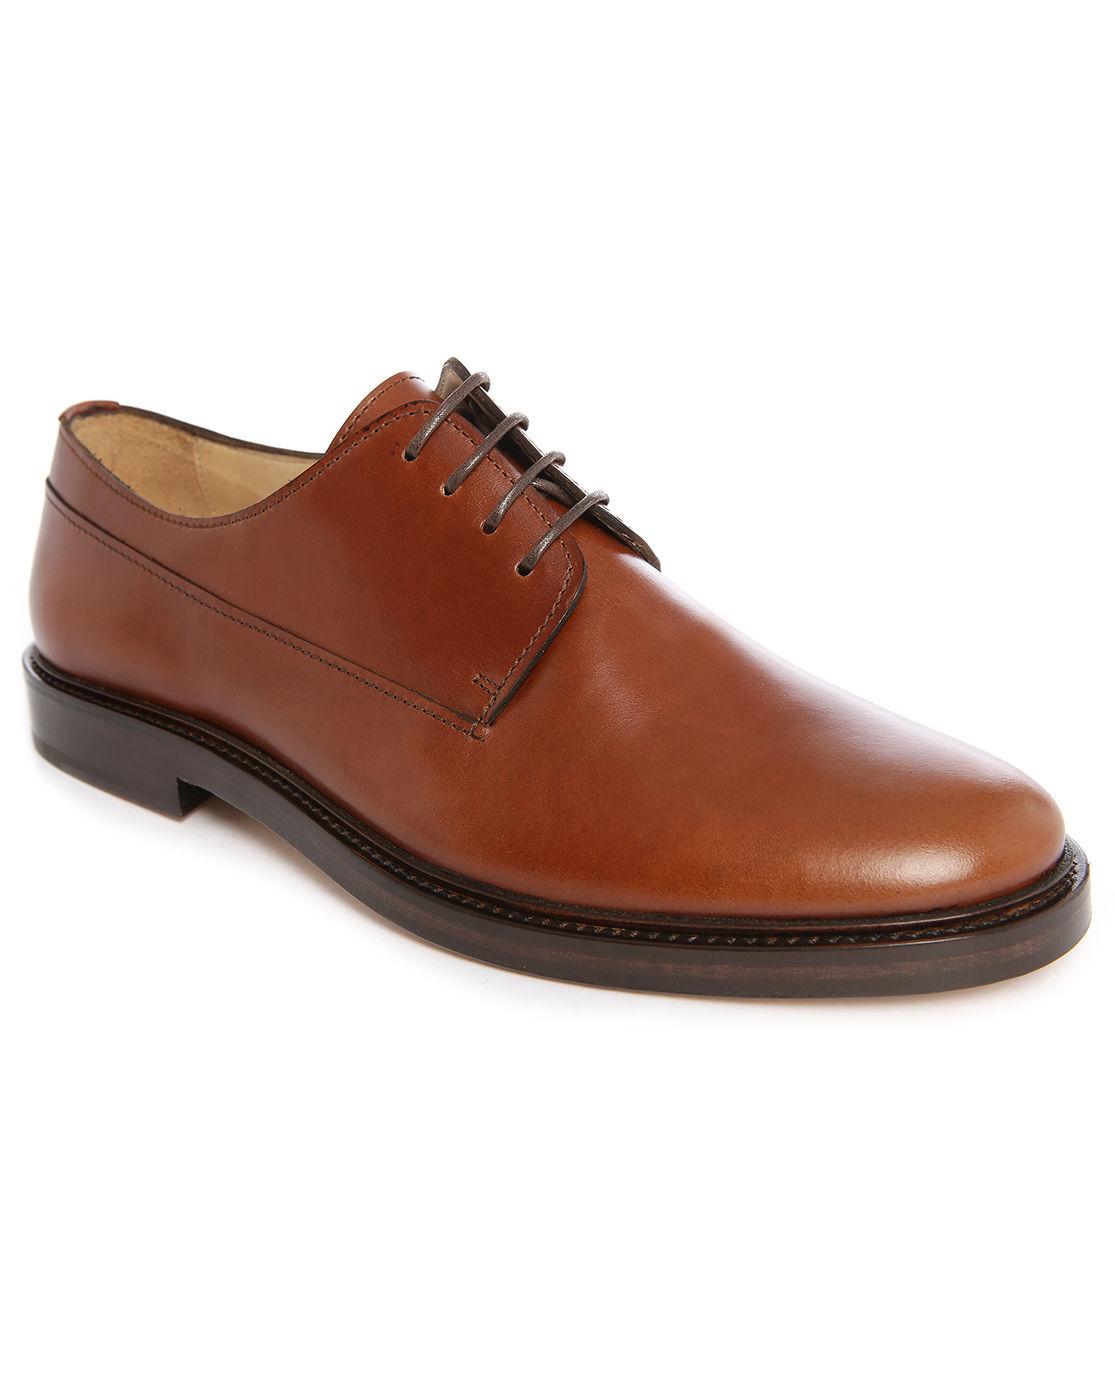 Jean Touitou S A P C Leather Shoes